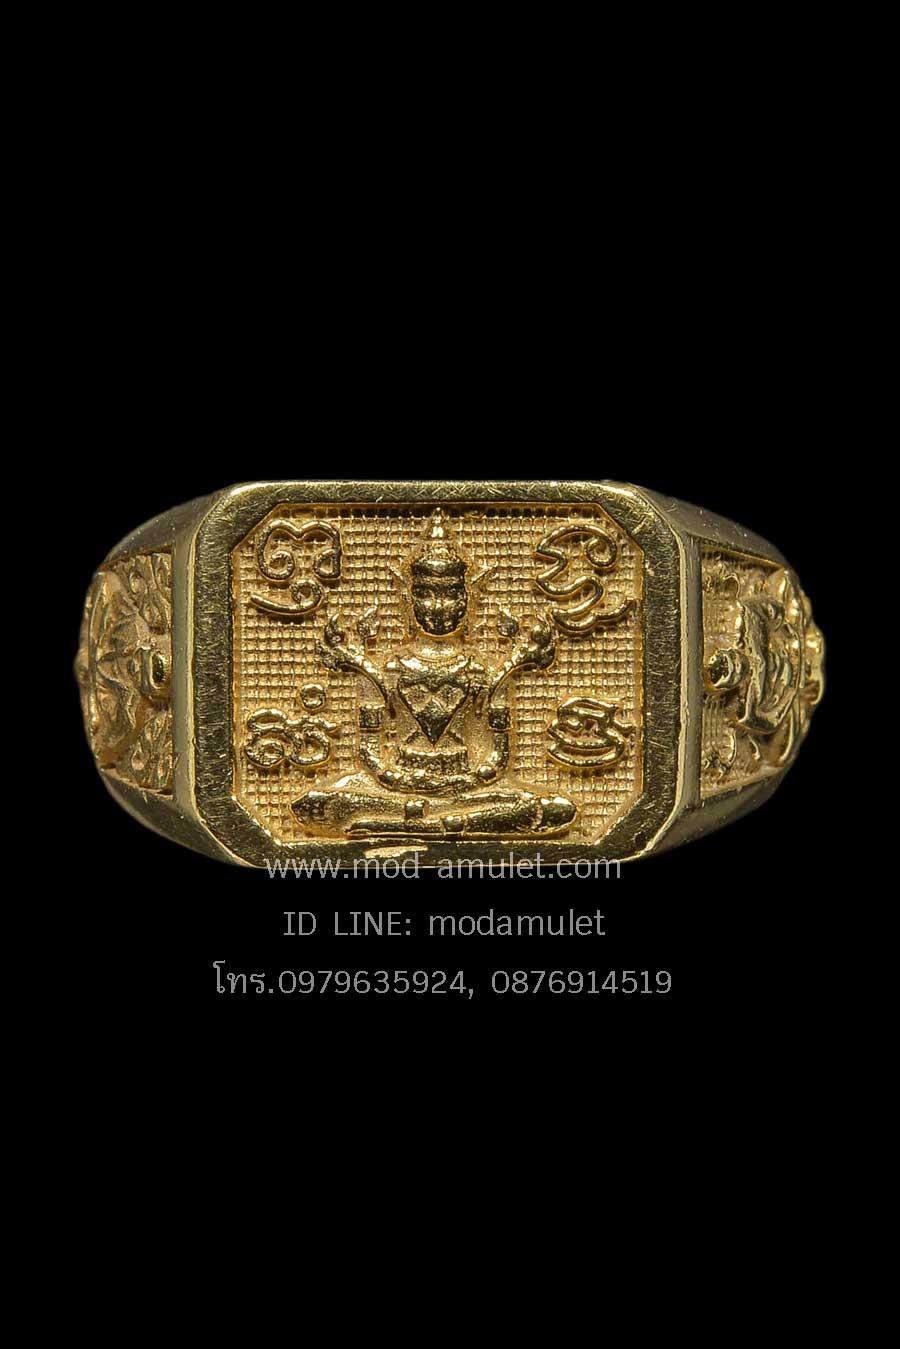 แหวนพระจักรพรรดิ์เนื้อทองคำ ปี 2555 หลวงตาม้า